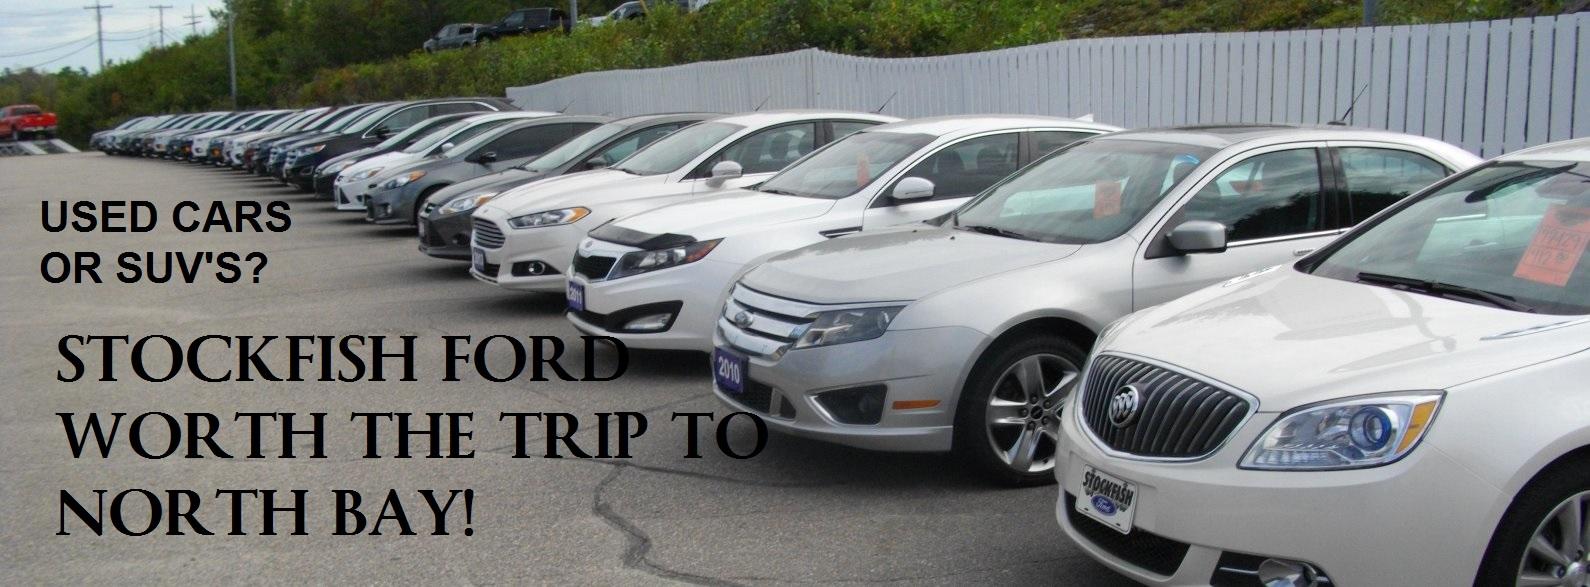 used & North Bay Ford Dealership Serving North Bay ON | Ford Dealer ... markmcfarlin.com